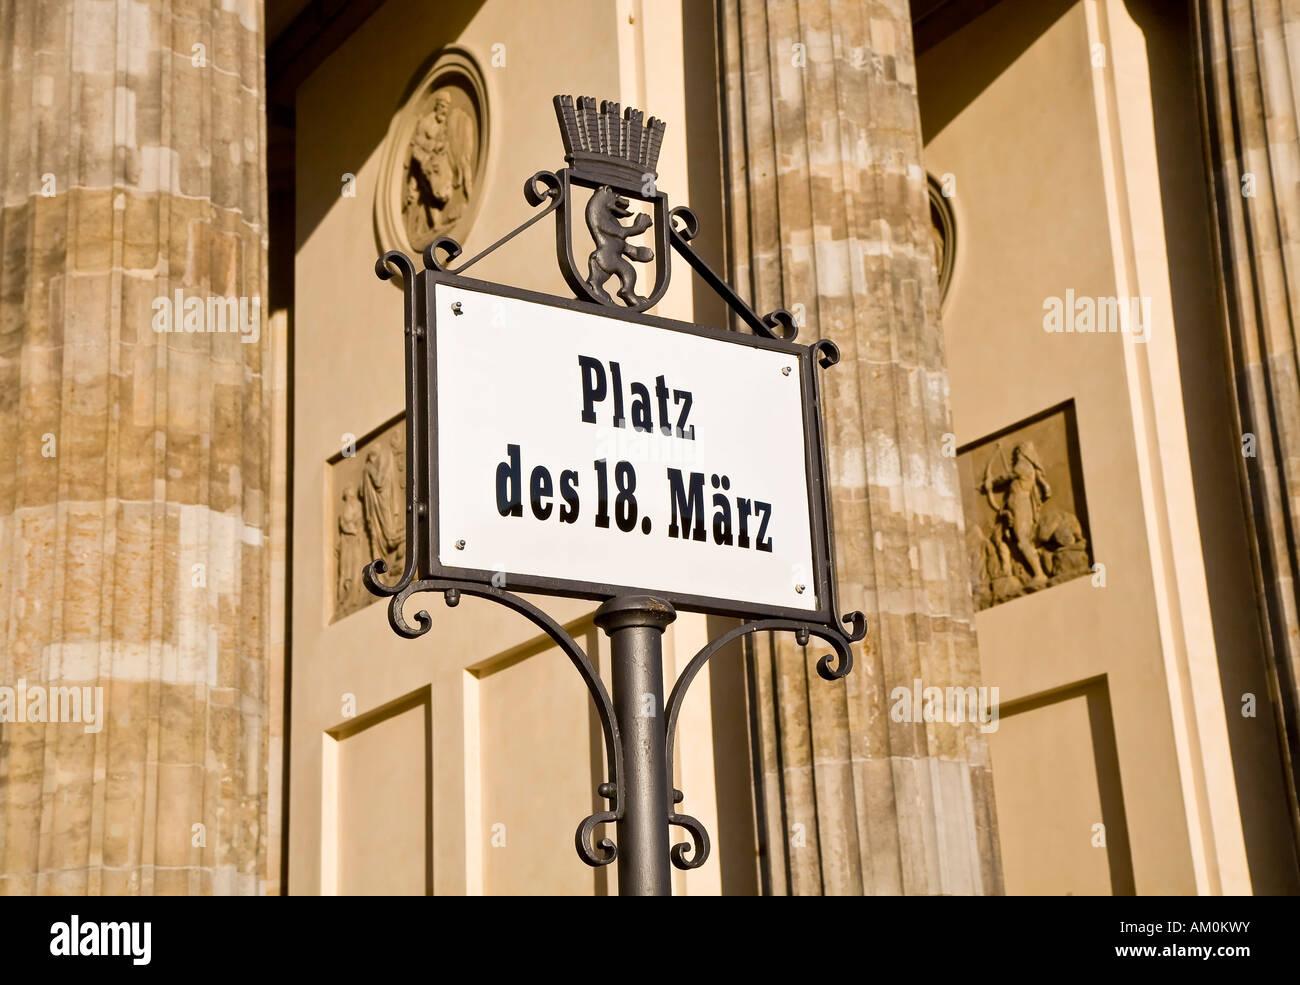 Platz des 18. März, Berlin, Deutschland Stockfoto